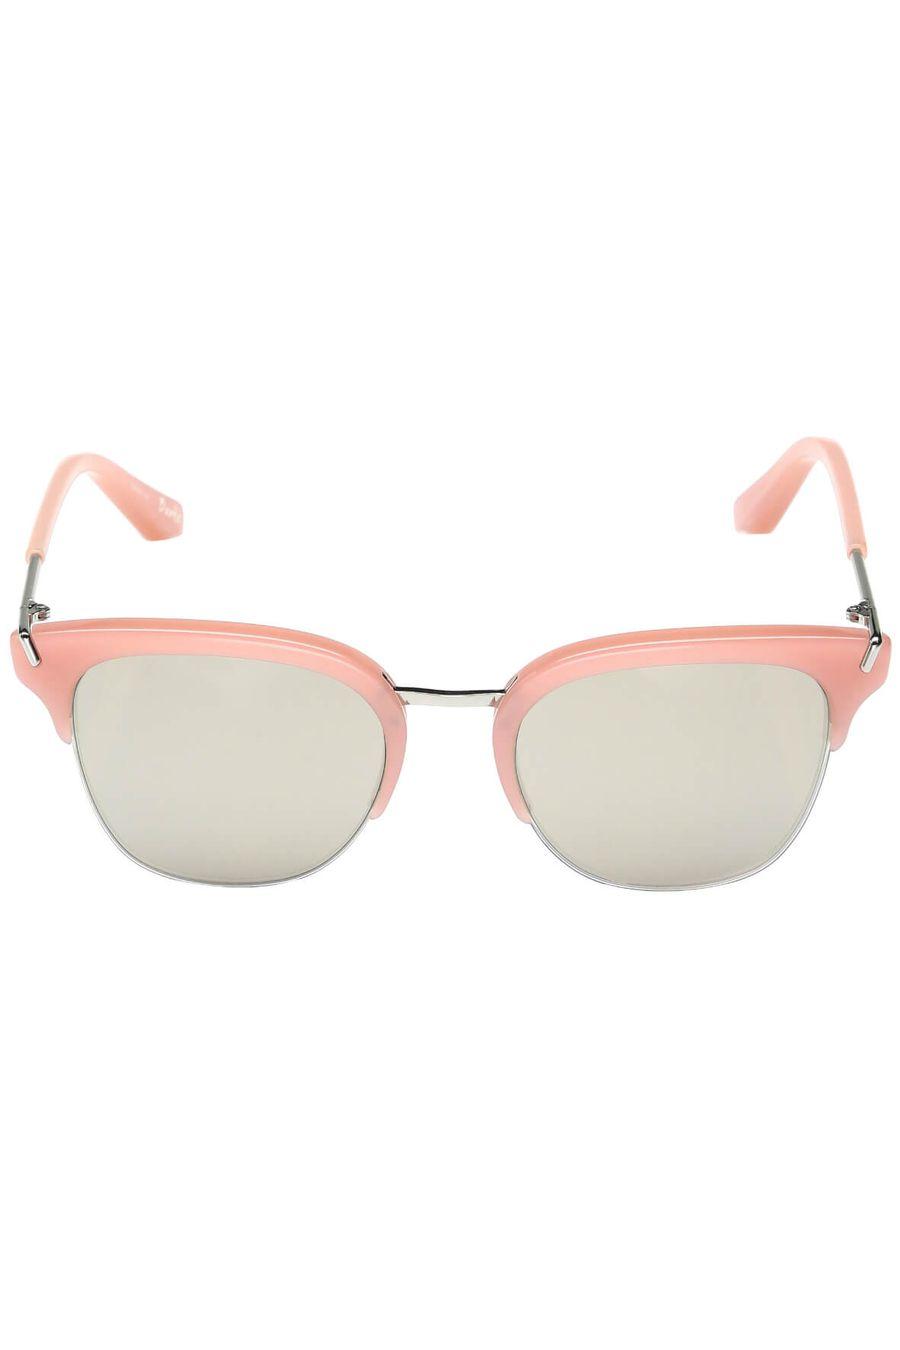 elizabeth-and-james-burke-pink-1